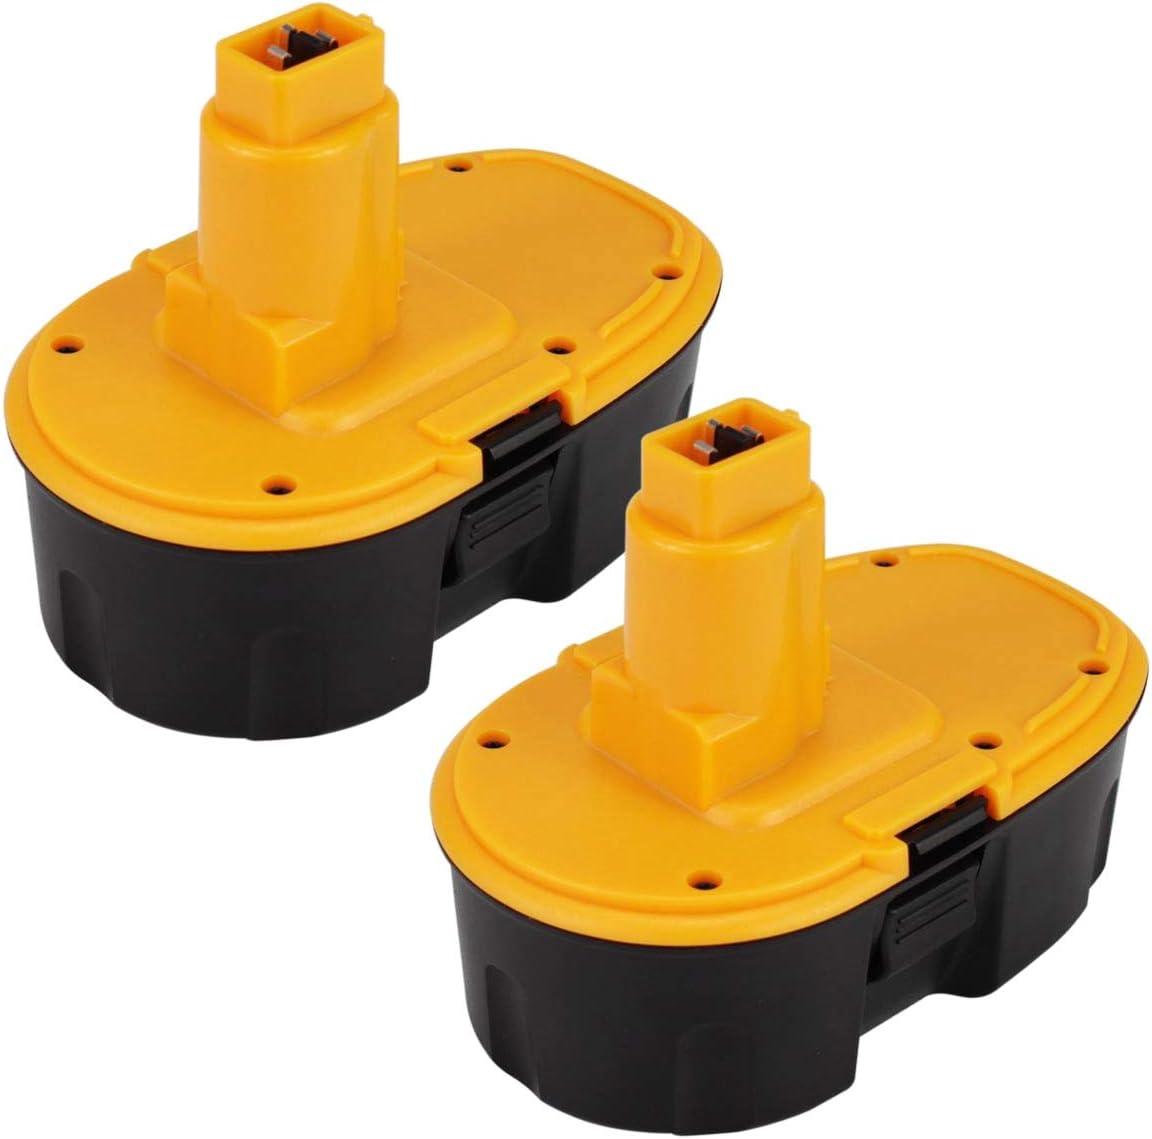 Topbatt 2Piezas 18V 3.0Ah Ni-MH para Dewalt Bater/ía de Reemplazo DC9096 DC9098 DE9039 DE9095 DE9096 DE9098 DE9503 DW9095 DW9096 DW9098 DC725 Taladro inal/ámbrico Amarillo